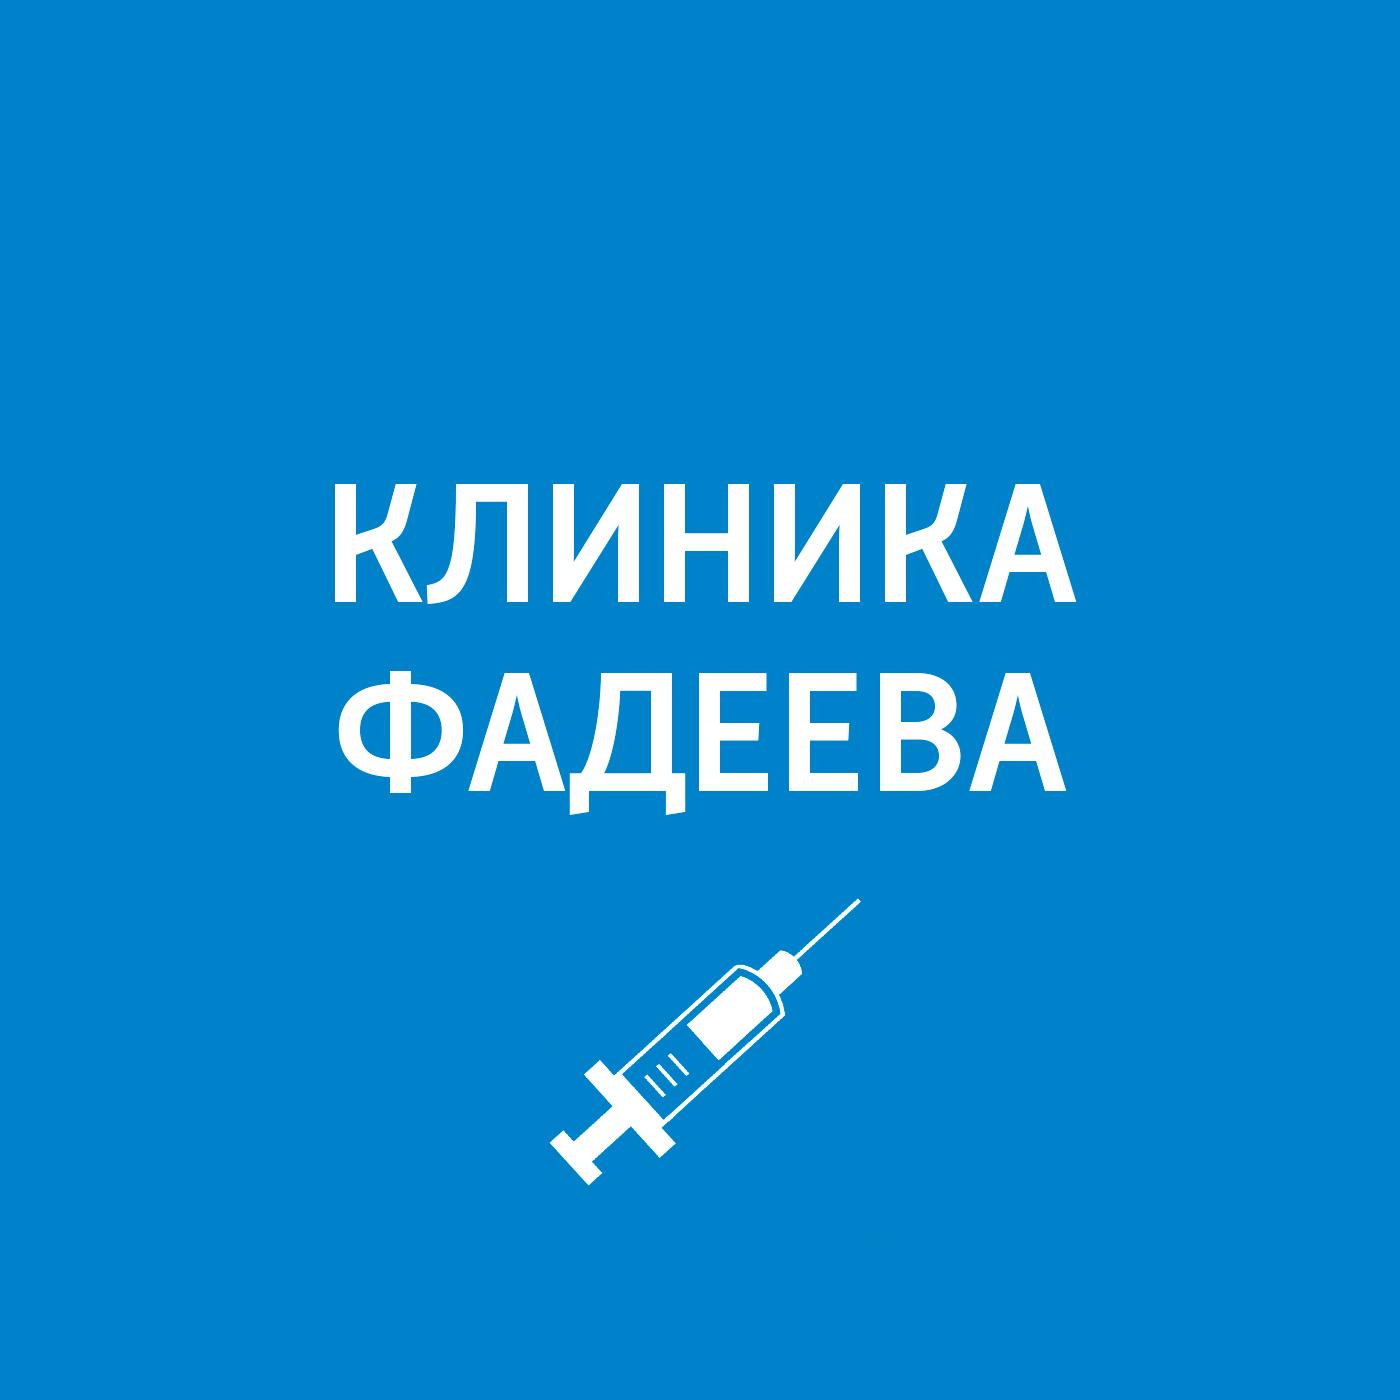 Пётр Фадеев Глаза пётр фадеев кинезиолог остеопат